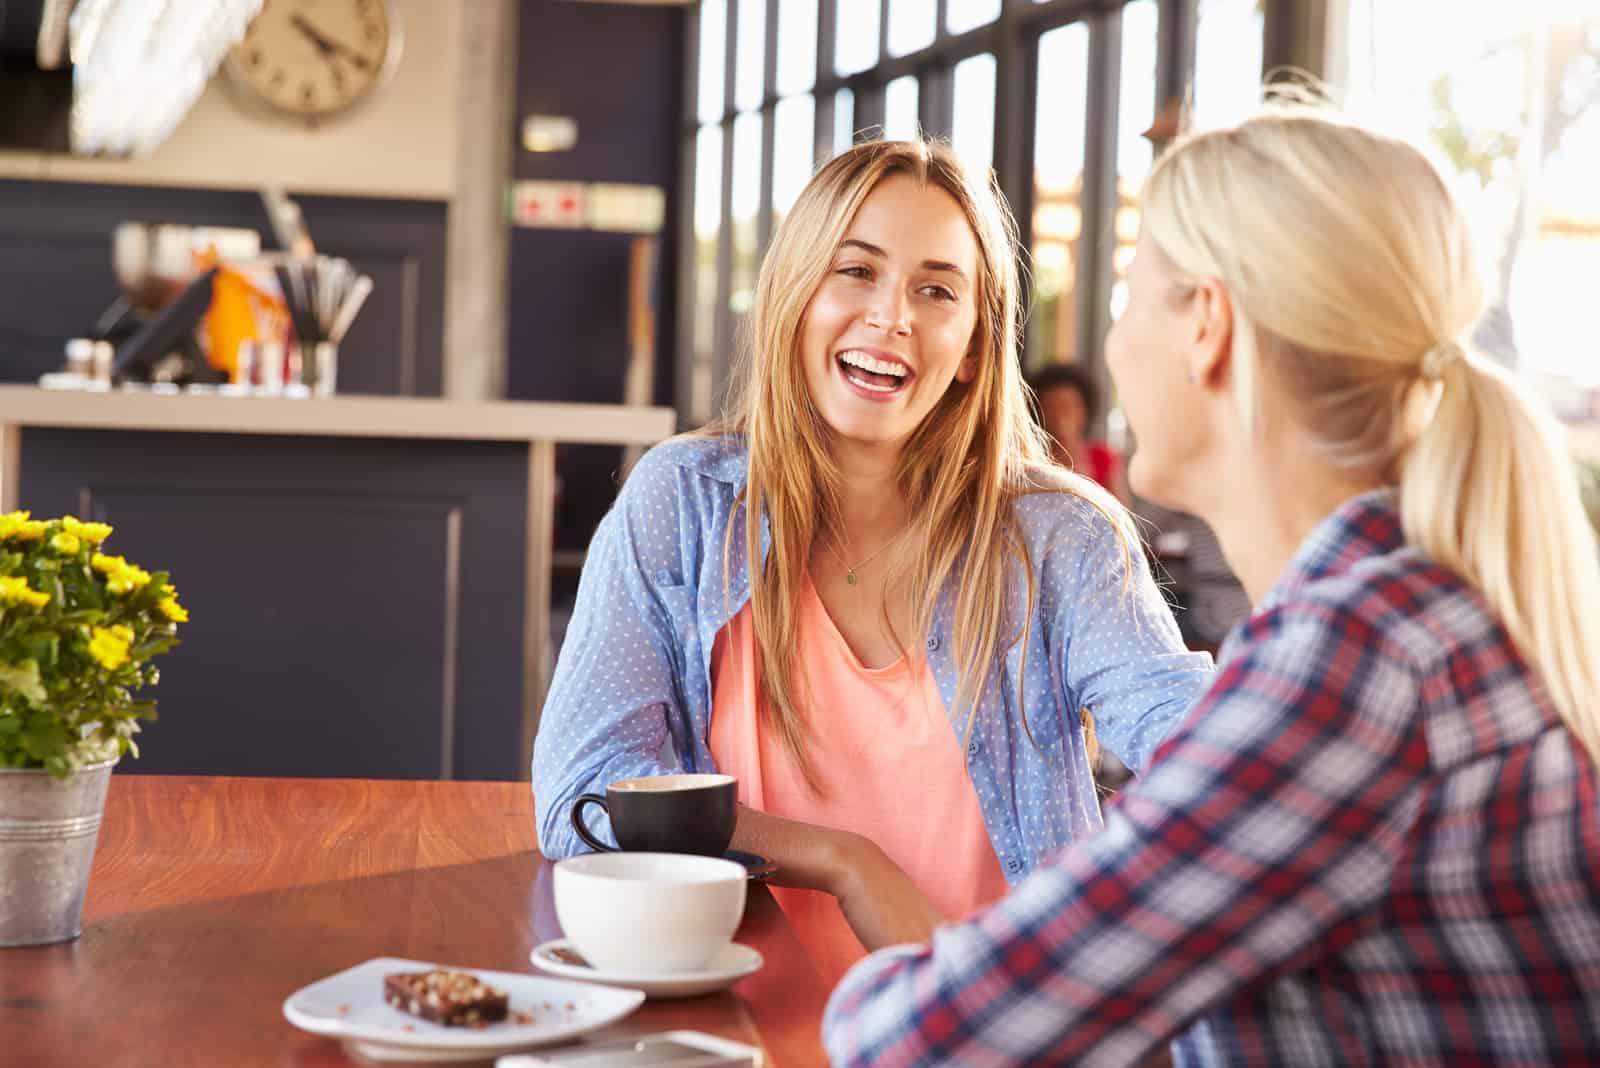 des amis s'assoient dans un café et parlent